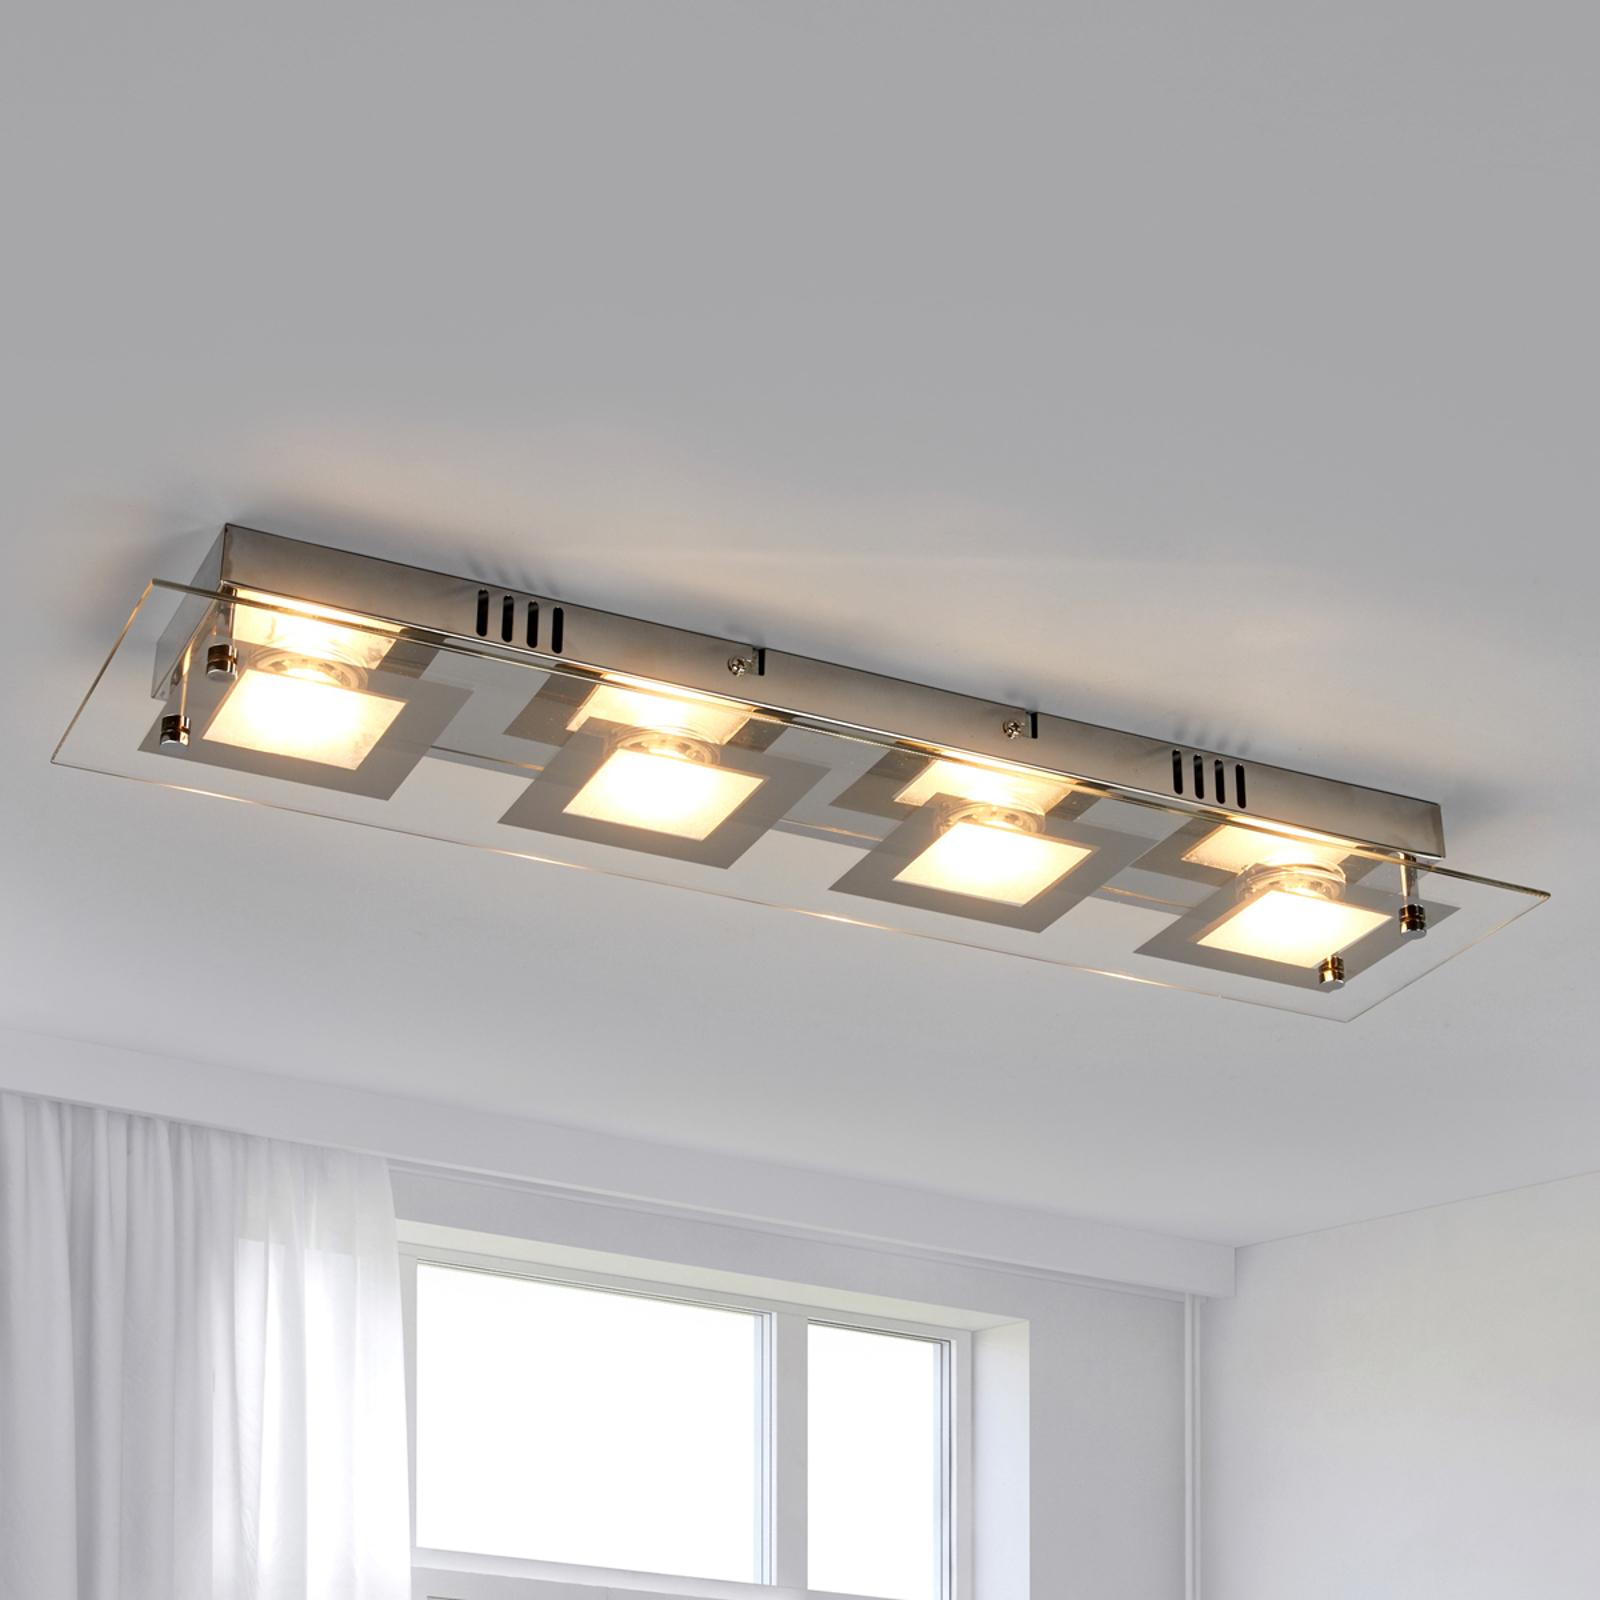 Aflang LED-loftslampe Manja med krom